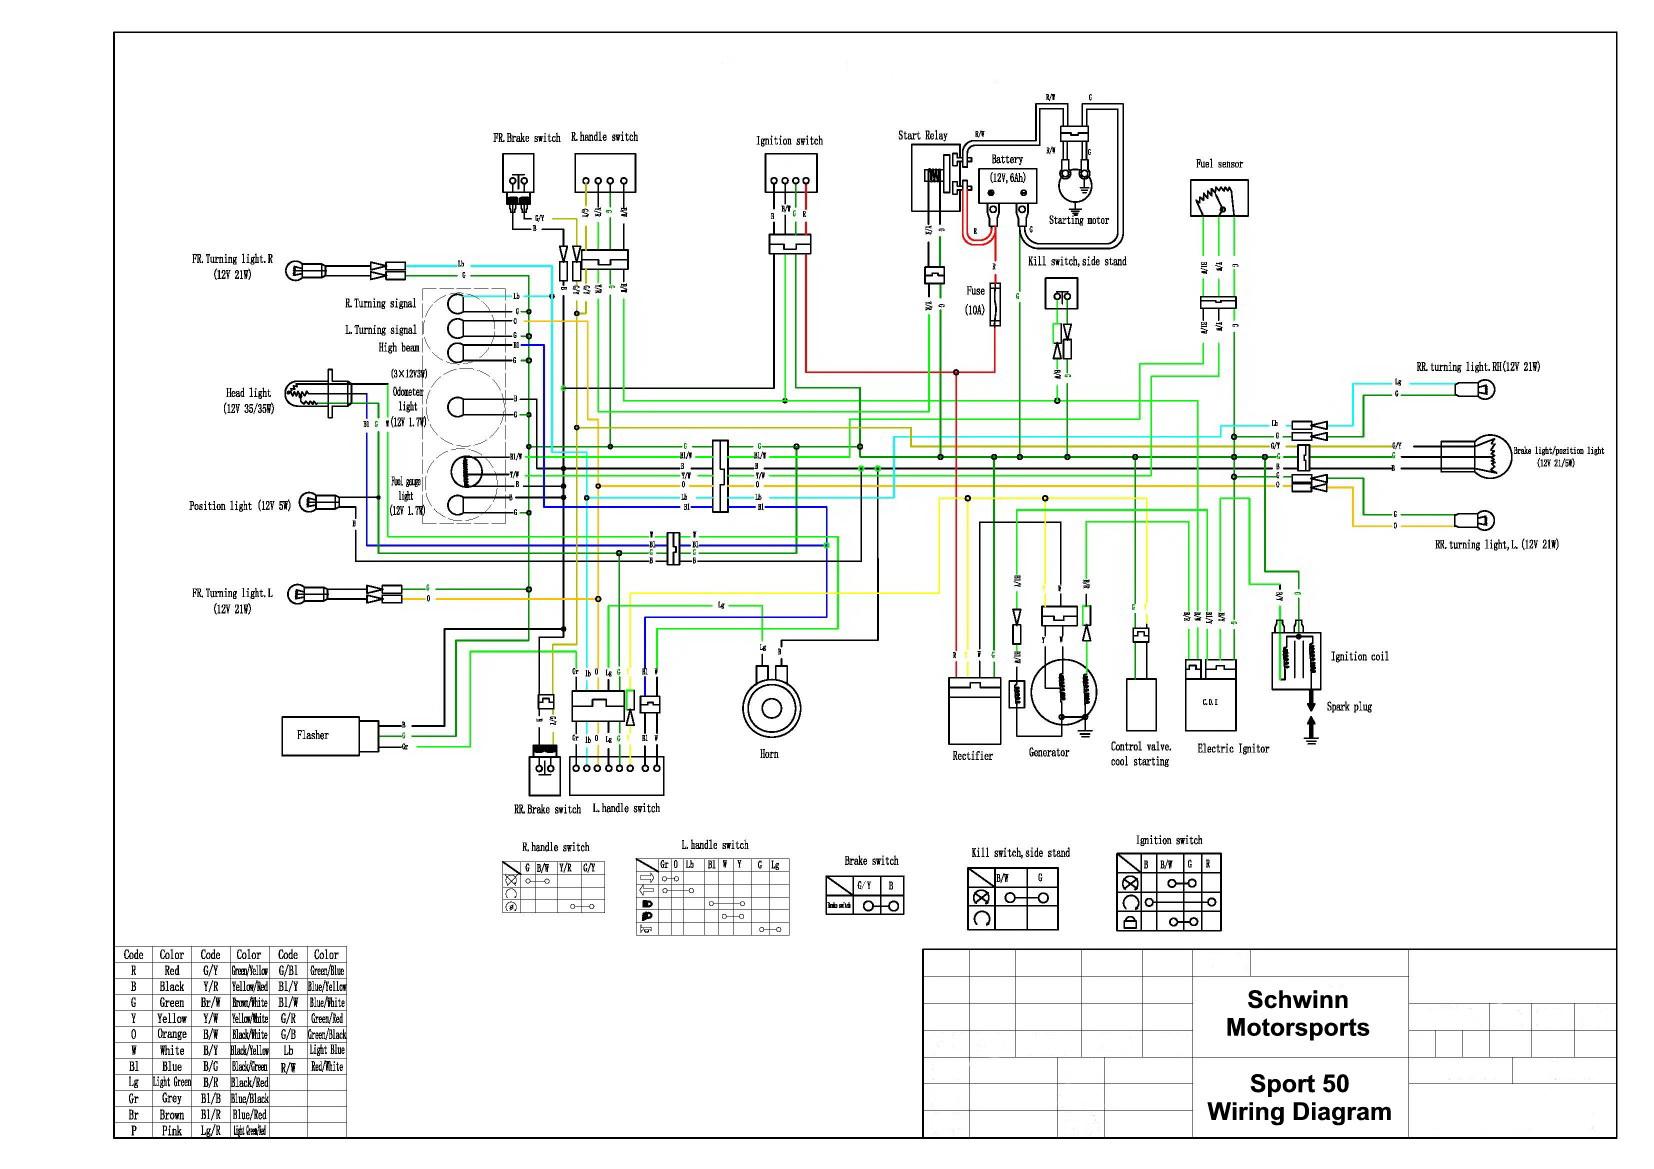 [DIAGRAM_5UK]  XR_6917] Challenger Sport Electric Scooter Wiring Diagram Wiring Diagram | Challenger Wiring Diagram |  | Ultr Weasi Lexor Gram Phae Mohammedshrine Librar Wiring 101